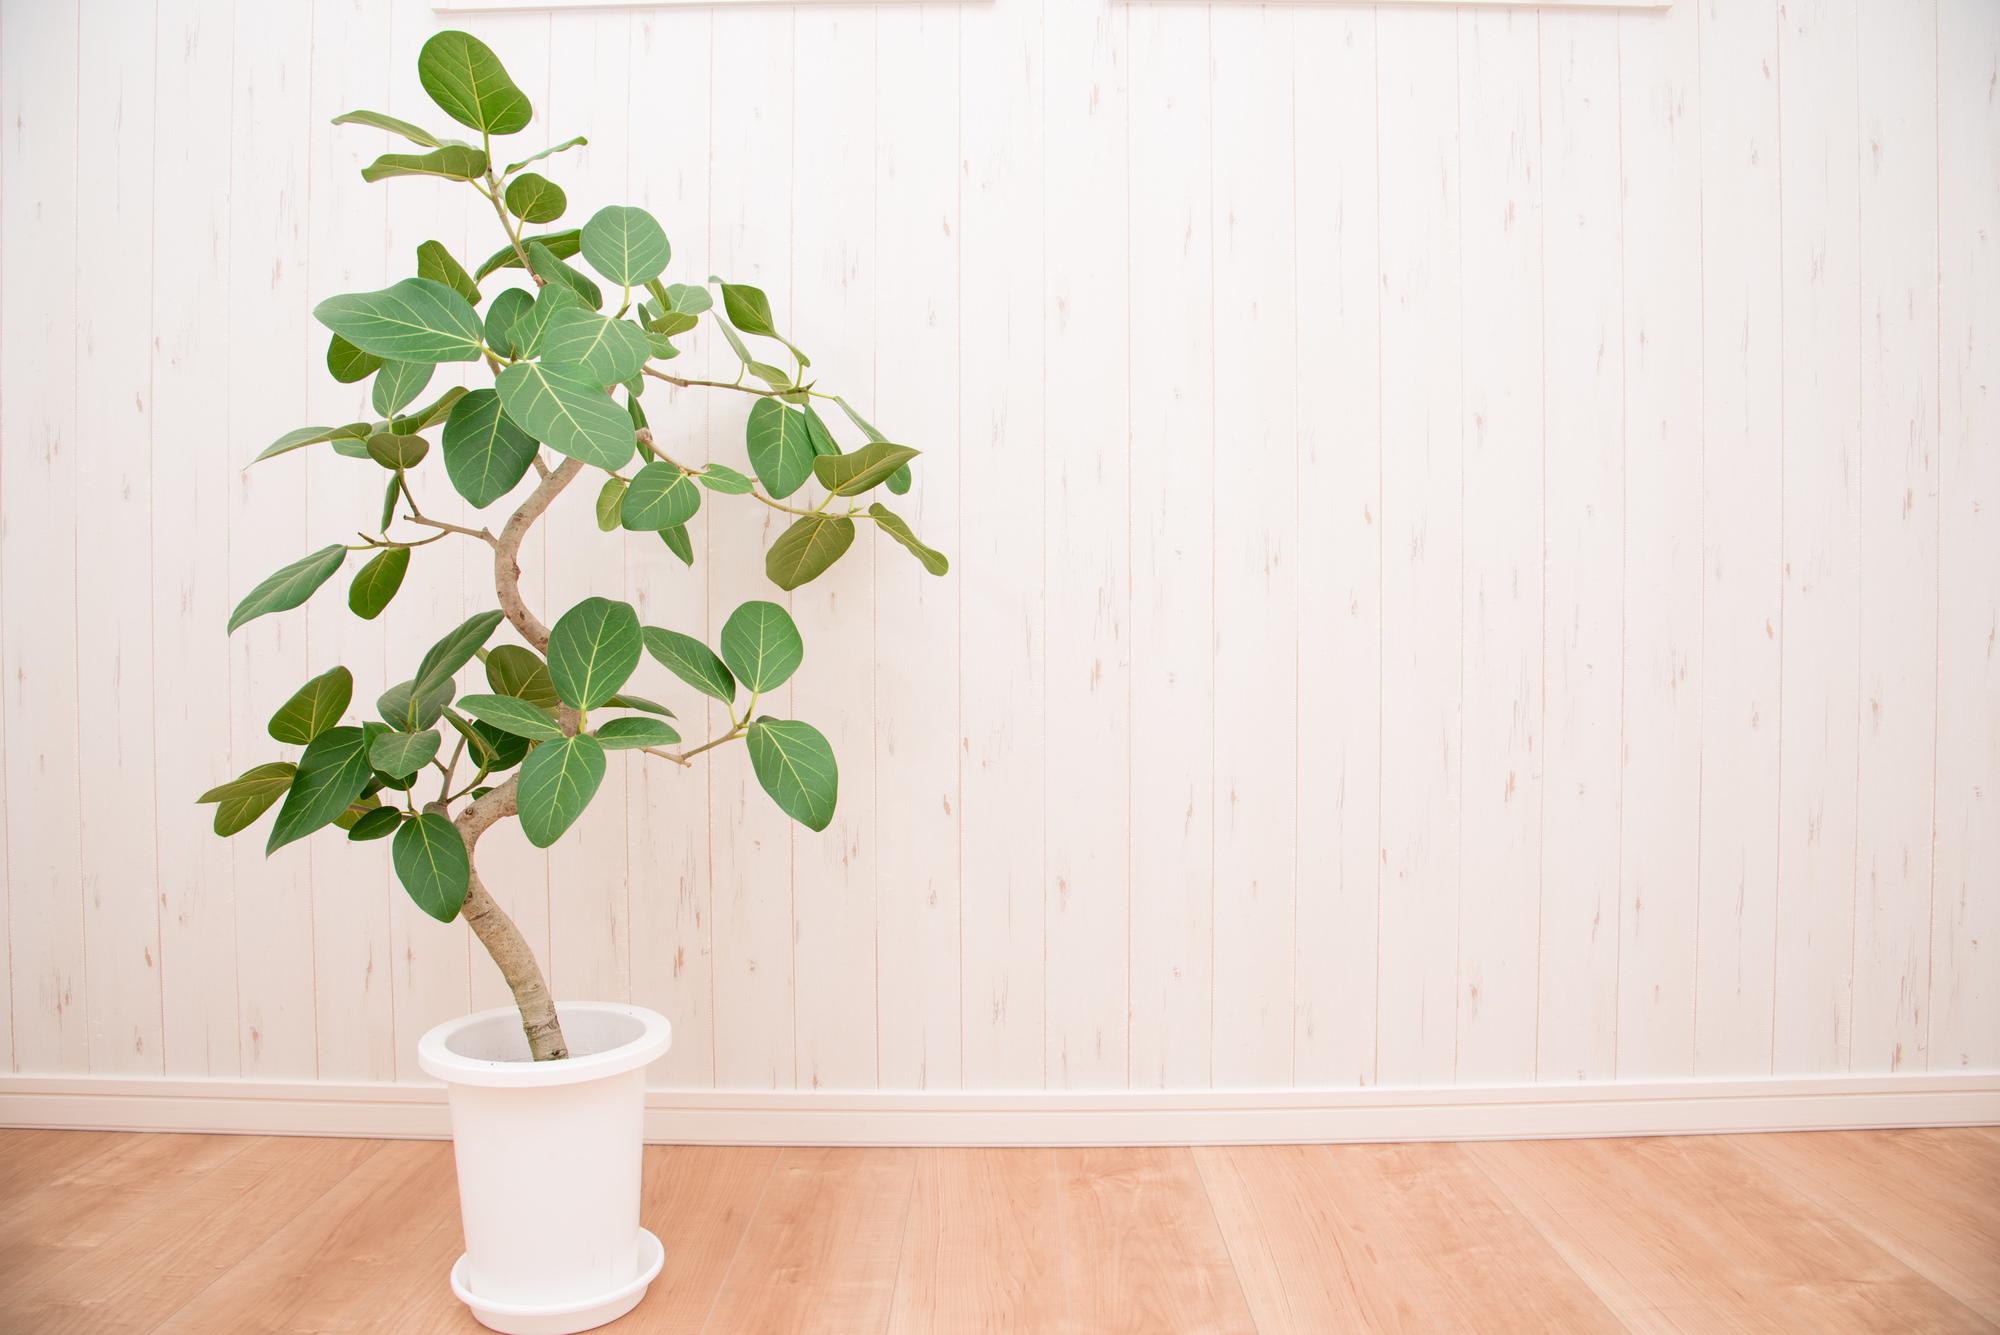 フィカスは、ゴムの木の種類のひとつ。樹液は白く、ゴムの原料にもなります。とても育てやすいと人気の観葉植物です。